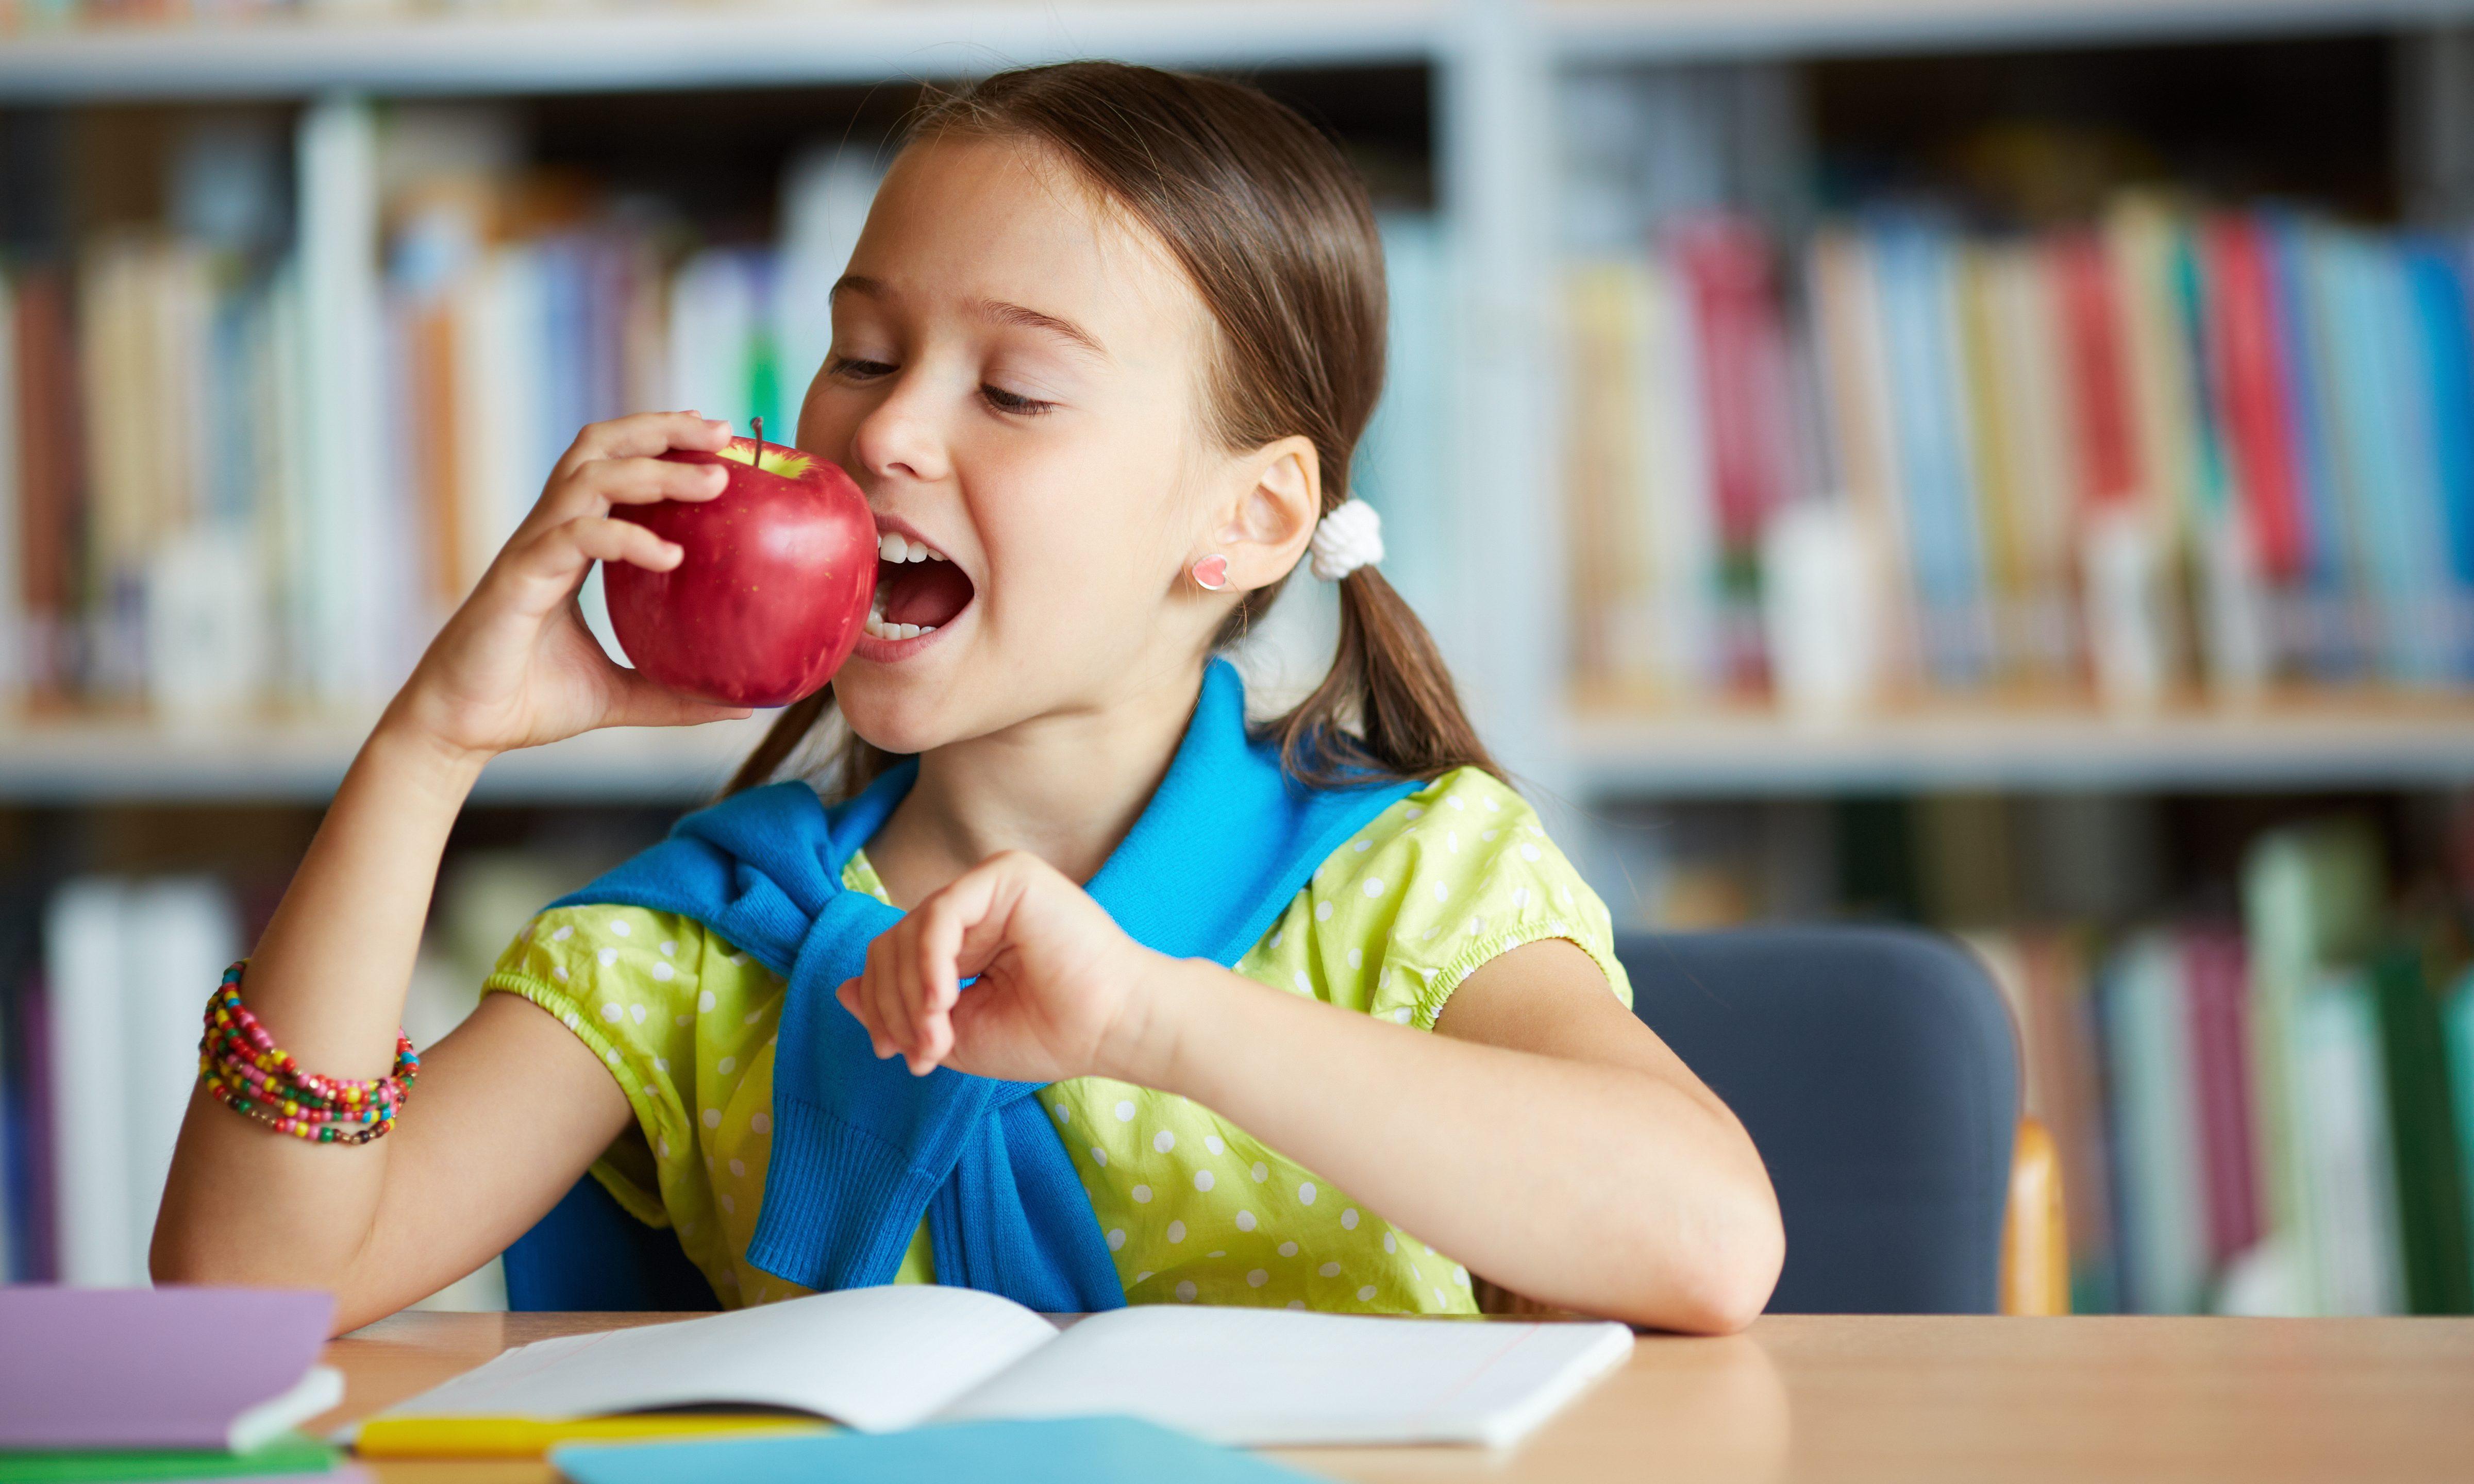 Governo vai distribuir produtos biológicos nas escolas